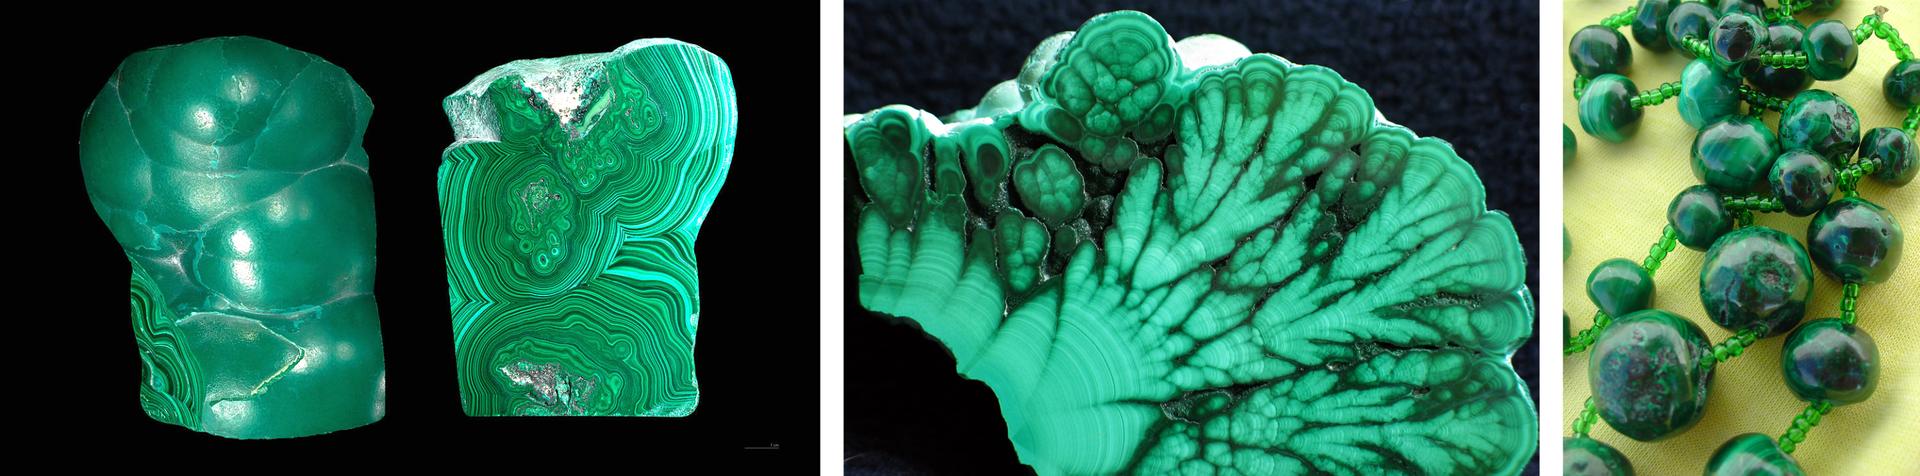 Trzecia ilustracja wgalerii. Składa się ztrzech sąsiadujących ze sobą zdjęć, przedstawiających malachit, zielony minerał używany wjubilerstwie iarchitekturze. Pierwsze zdjęcie po lewej stronie przedstawia kawałek malachitu ogładkiej, nieregularnej powierzchni zdominującymi fragmentami kulistymi, oraz drugą, płaską stronę tego samego kawałka, stanowiącą jego przekrój. Widoczne jaśniejsze iciemniejsze zielone warstwy tworzące skomplikowany wzór koncentrujący się wokół trzech ośrodków. Środkowe zdjęcie przedstawia przekrój przez większy kawałek minerału, gdzie jaśniejsze iciemniejsze obszary tworzą wzór przywodzący na myśl rośliny. Na trzecim zdjęciu, po prawej stronie naszyjnik zwiększych imniejszych malachitowych kulek.